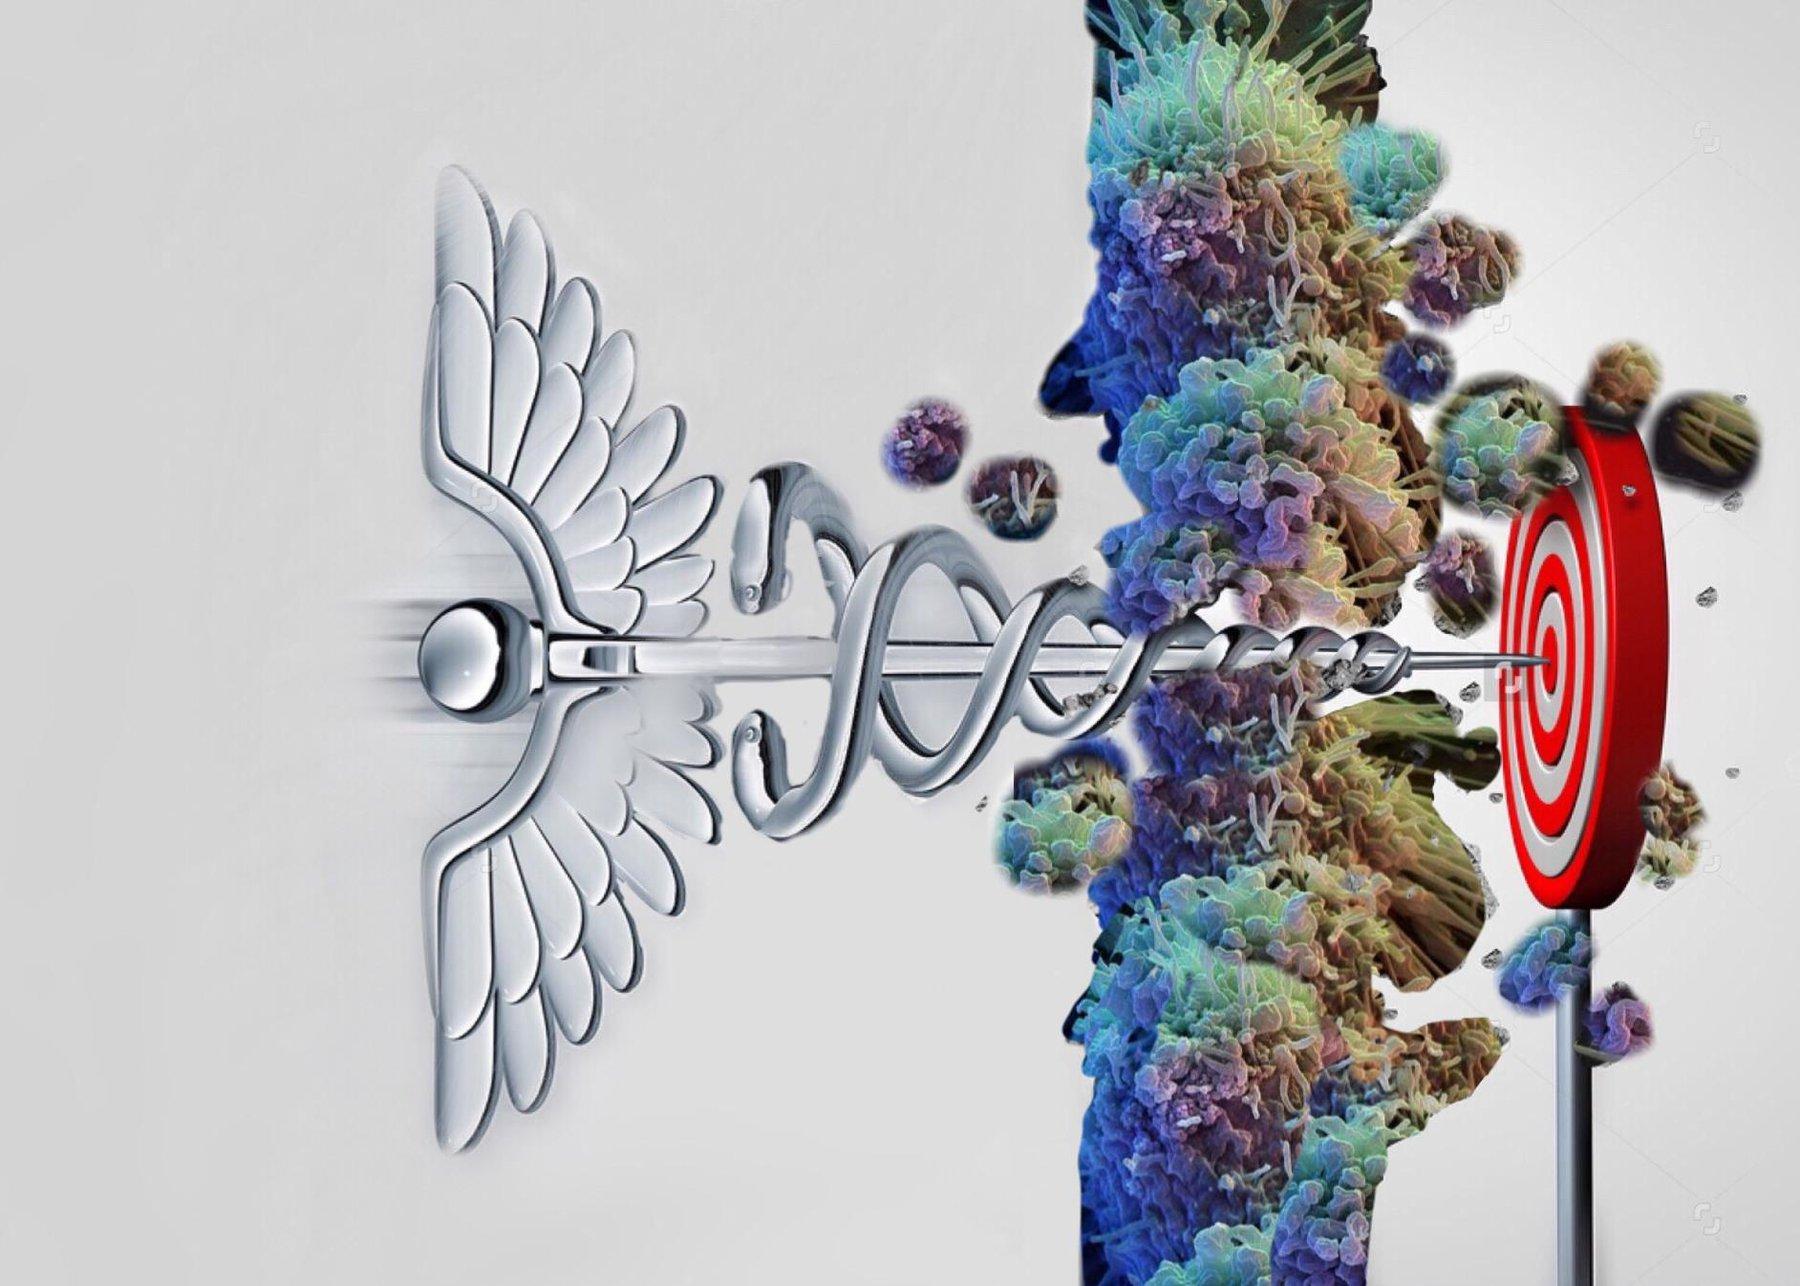 Sự khác nhau giữa hóa trị và liệu pháp nhắm trúng đích trong điều trị ung thư - ảnh 1